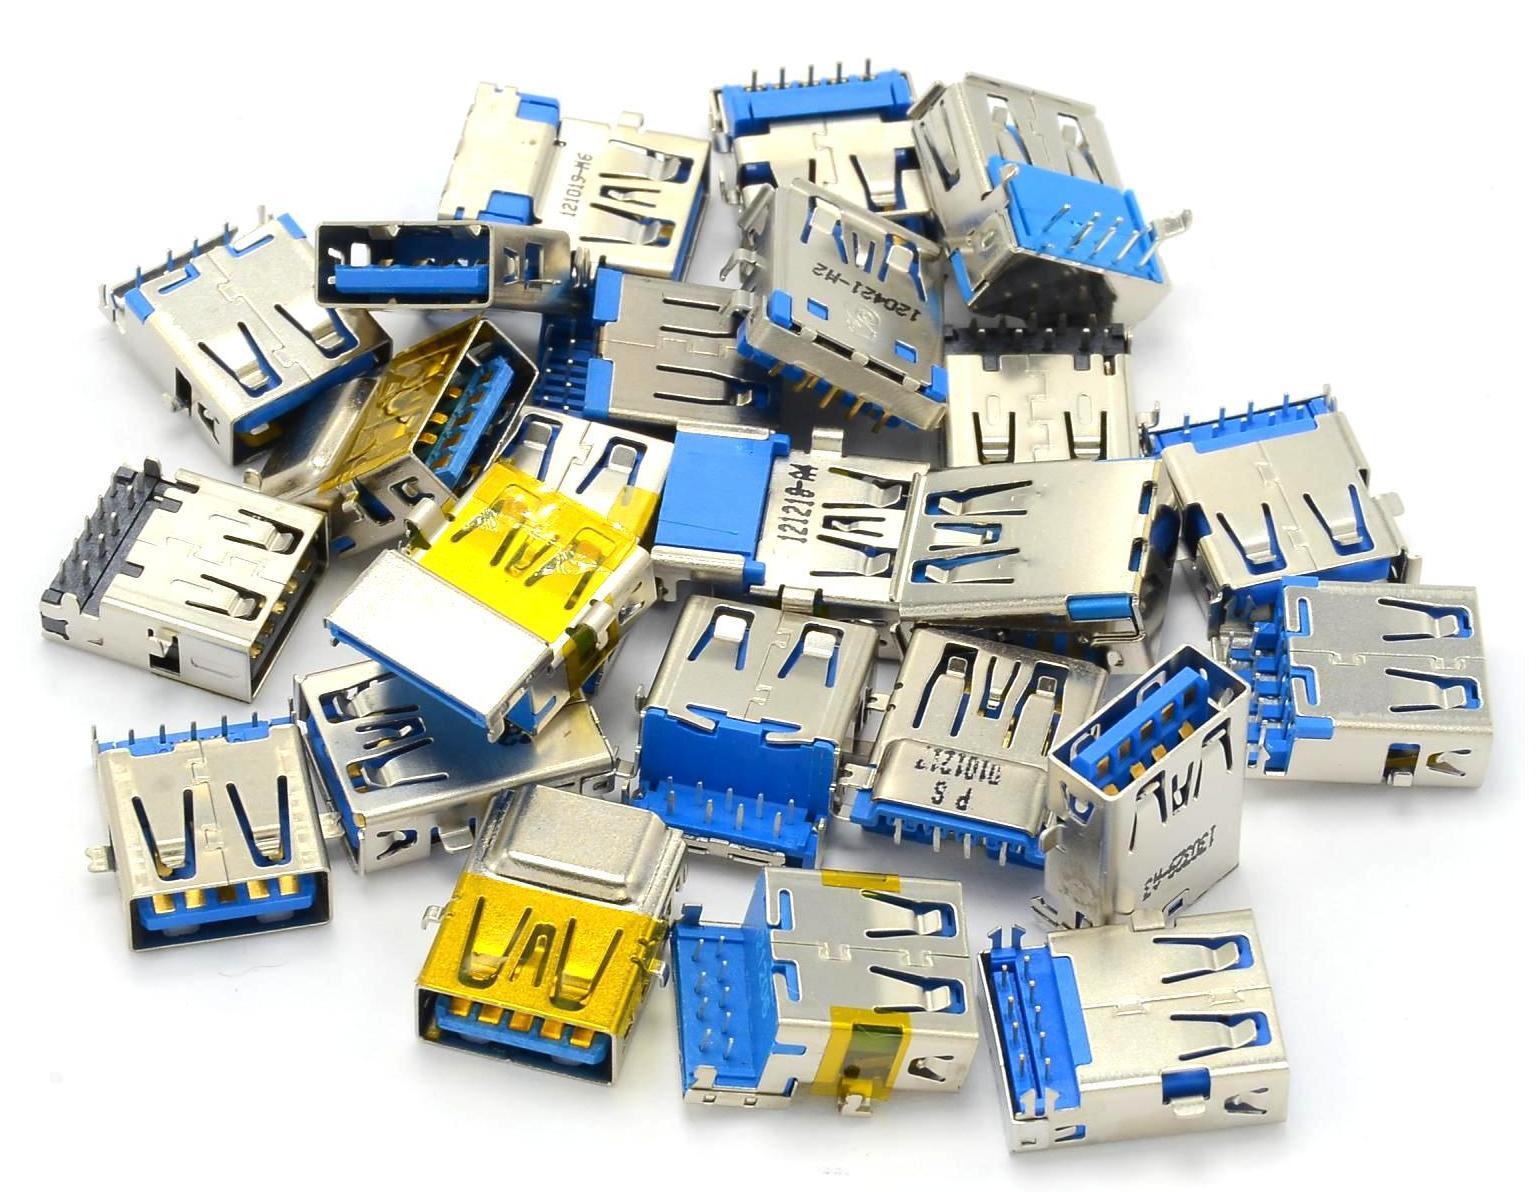 Набор разъемов USB 3.0 (24 штуки)